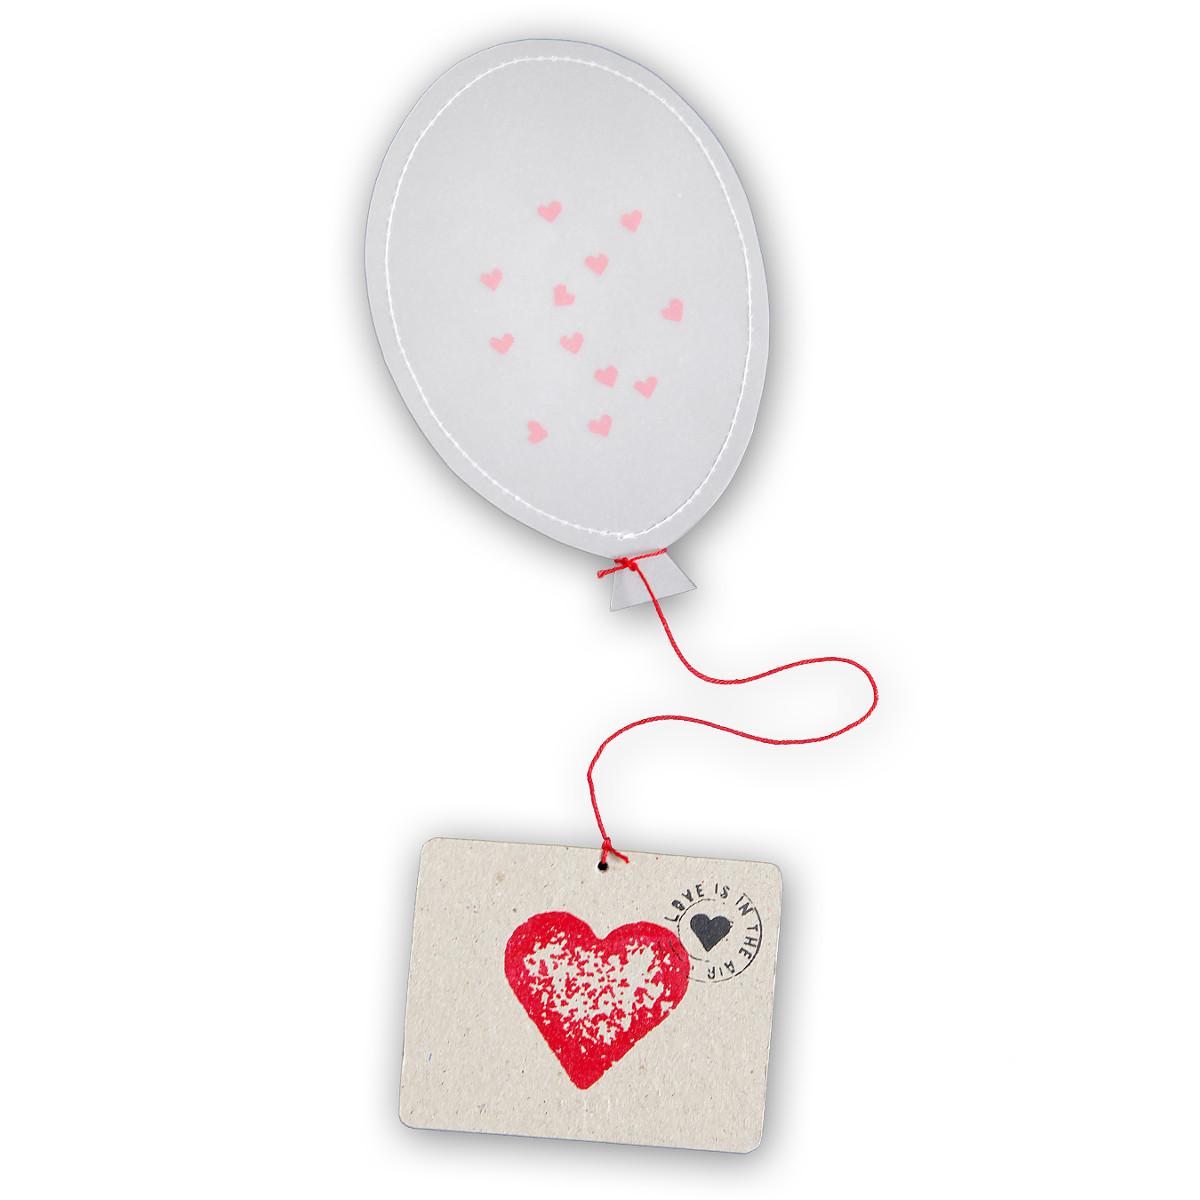 Globo con confeti y tarjeta– para felicitaciones únicas